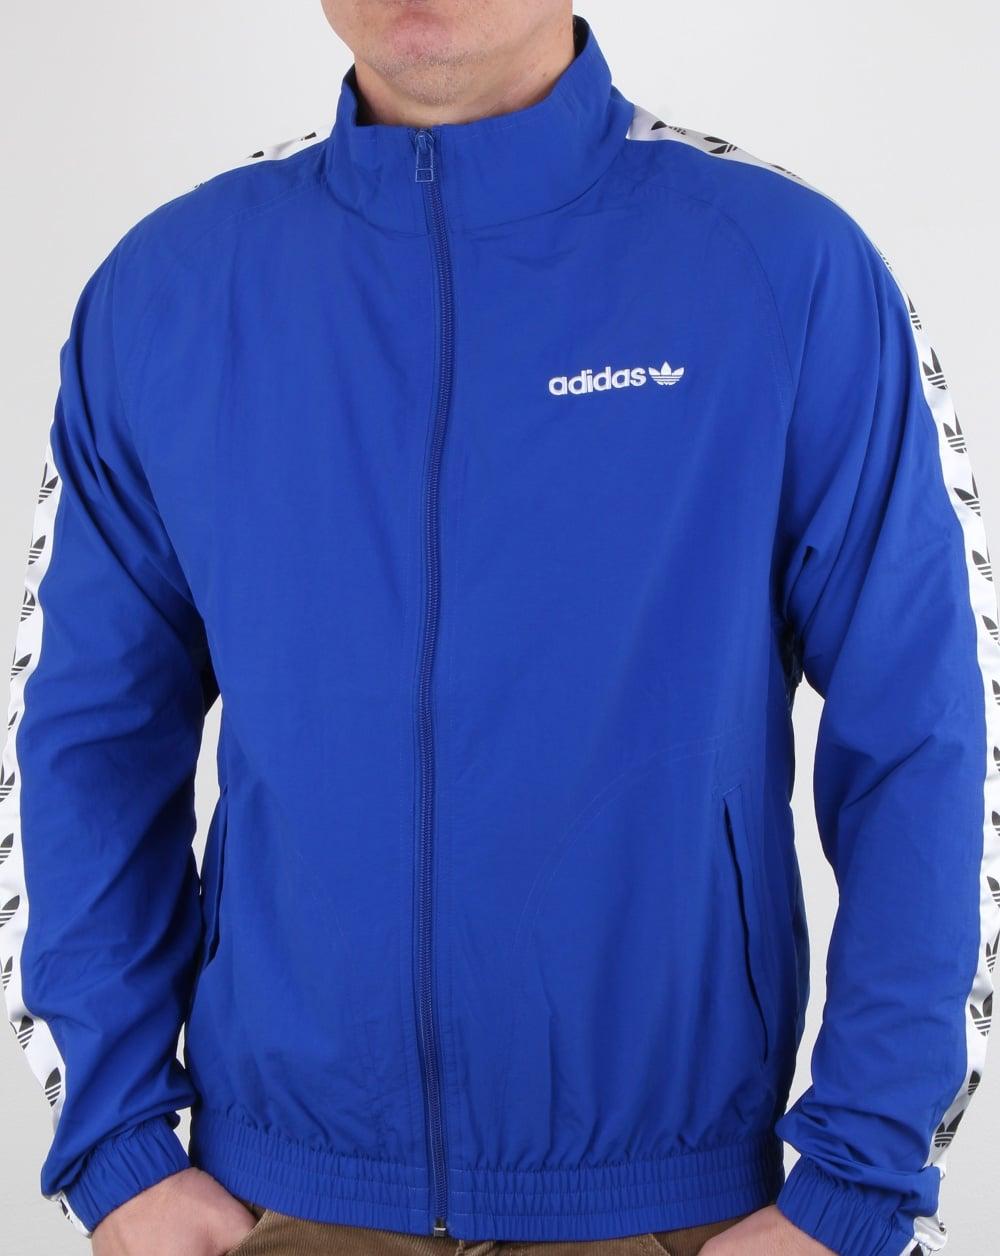 01f2f327de80 adidas Originals Adidas Originals Tnt Wind Track Top Bold Blue